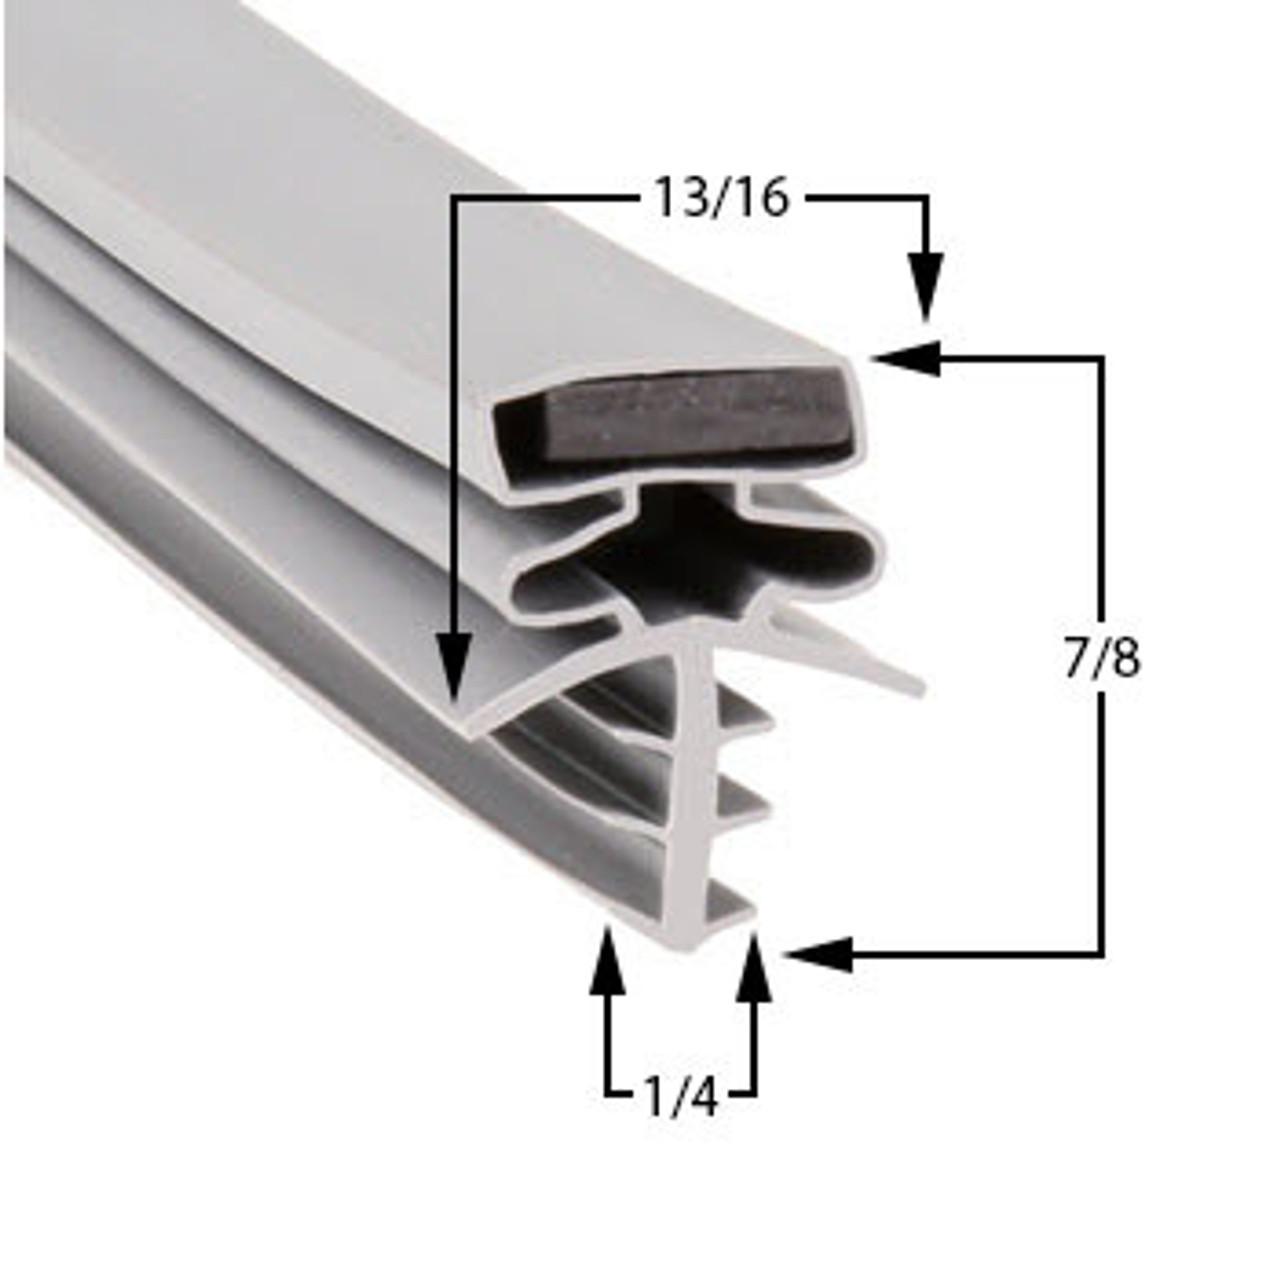 Brown Door Gasket Profile 301 32 1/8 x 77 5/8 -A2.0430-2